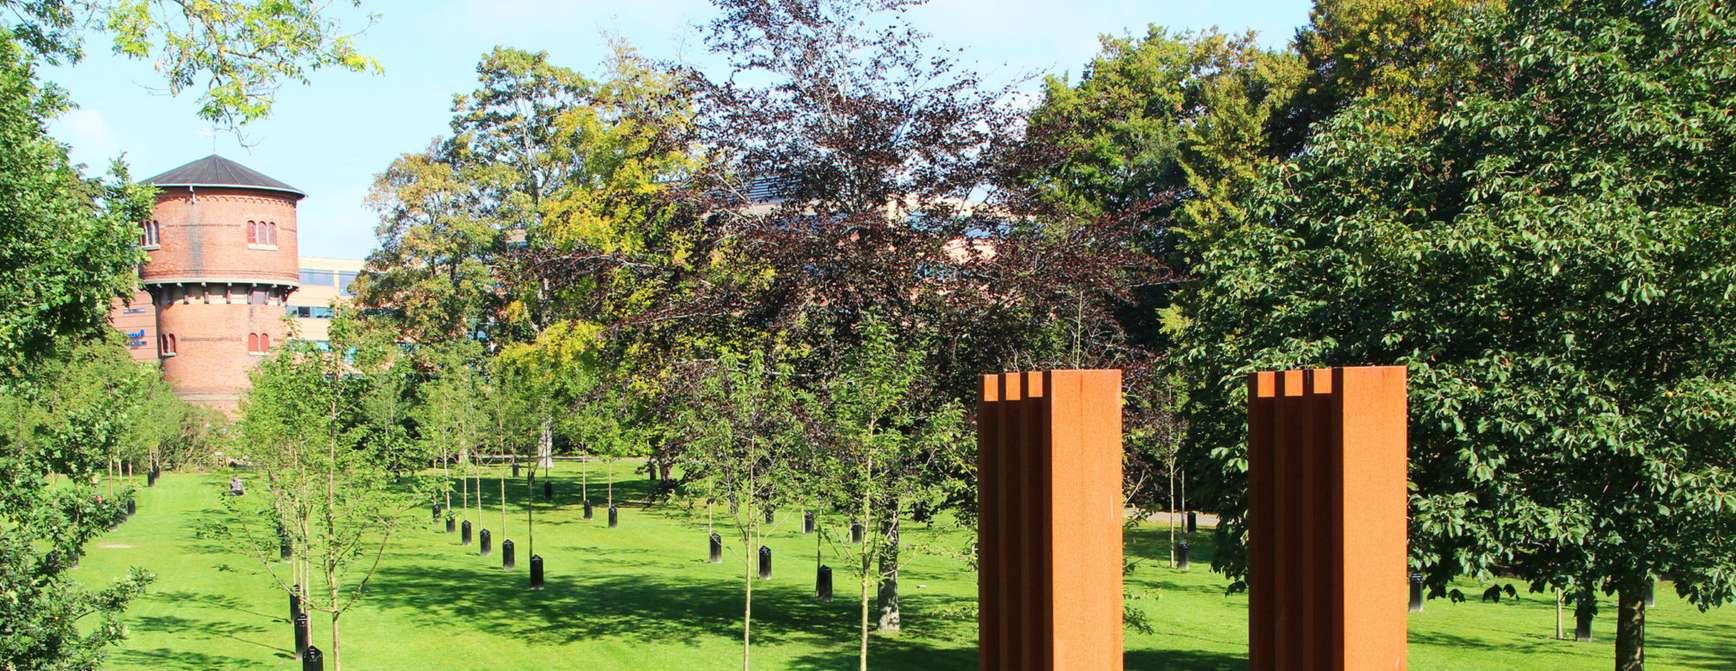 De syngende trær. Foto: Visit Aalborg